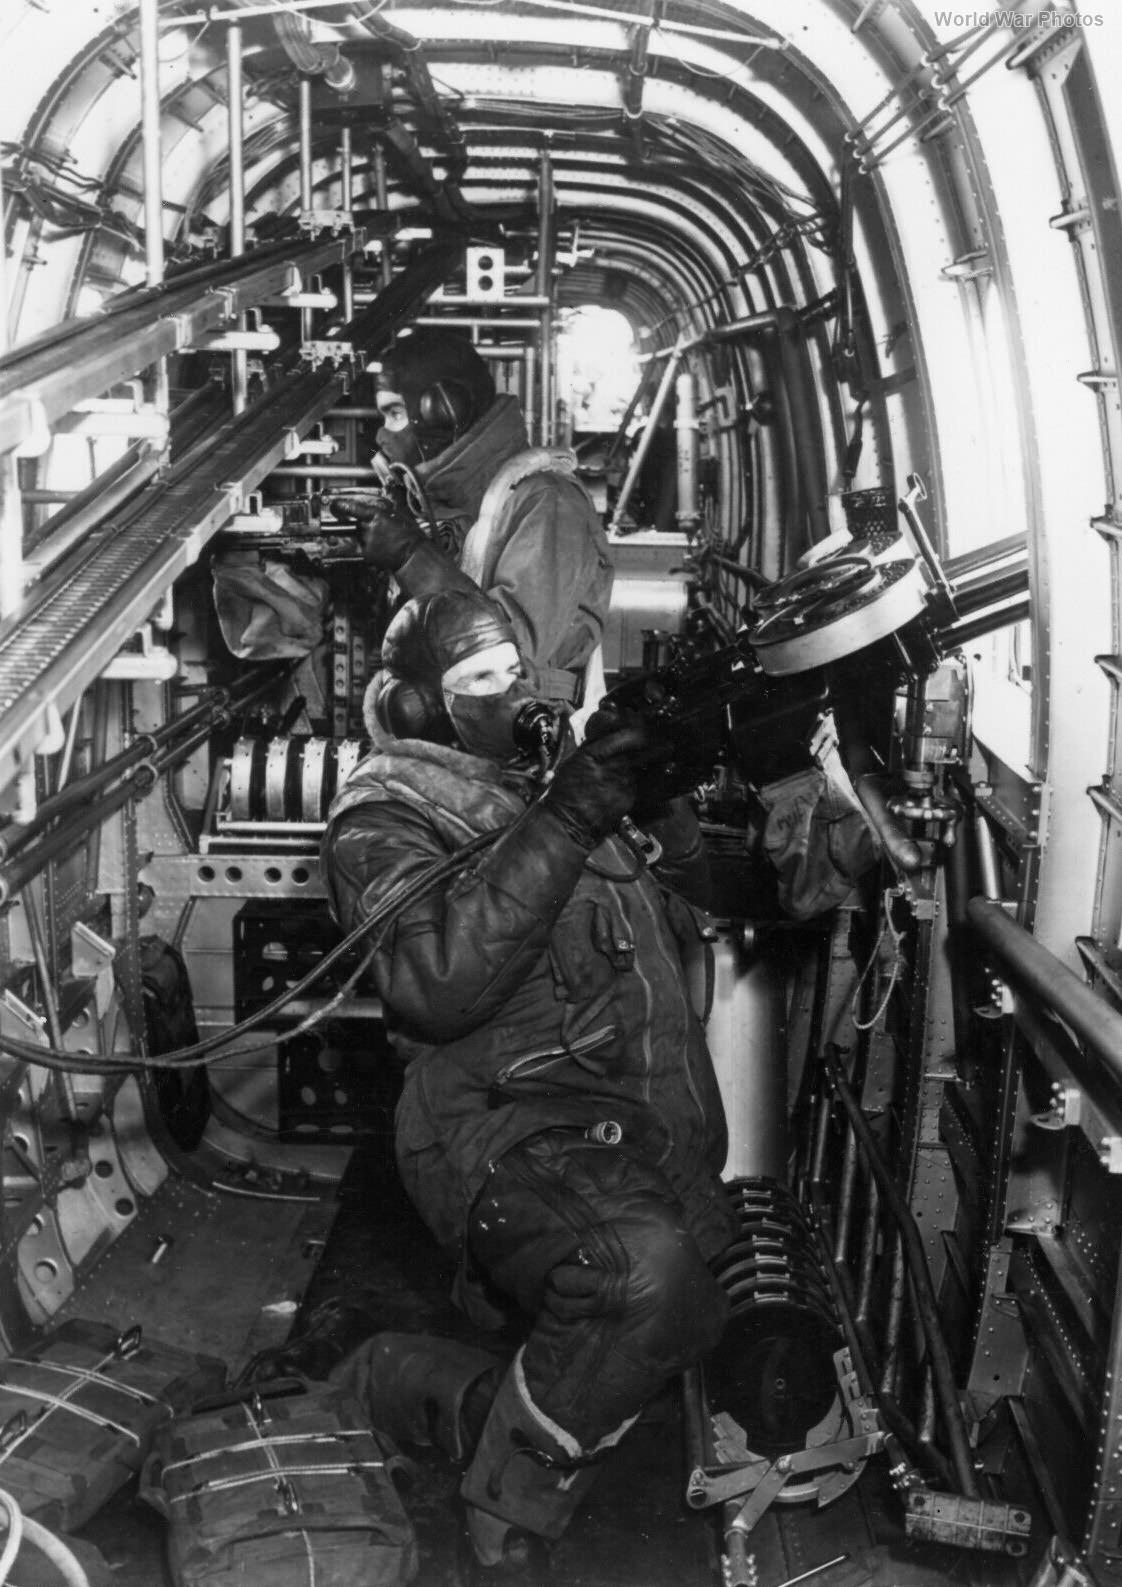 Halifax waist gunner position